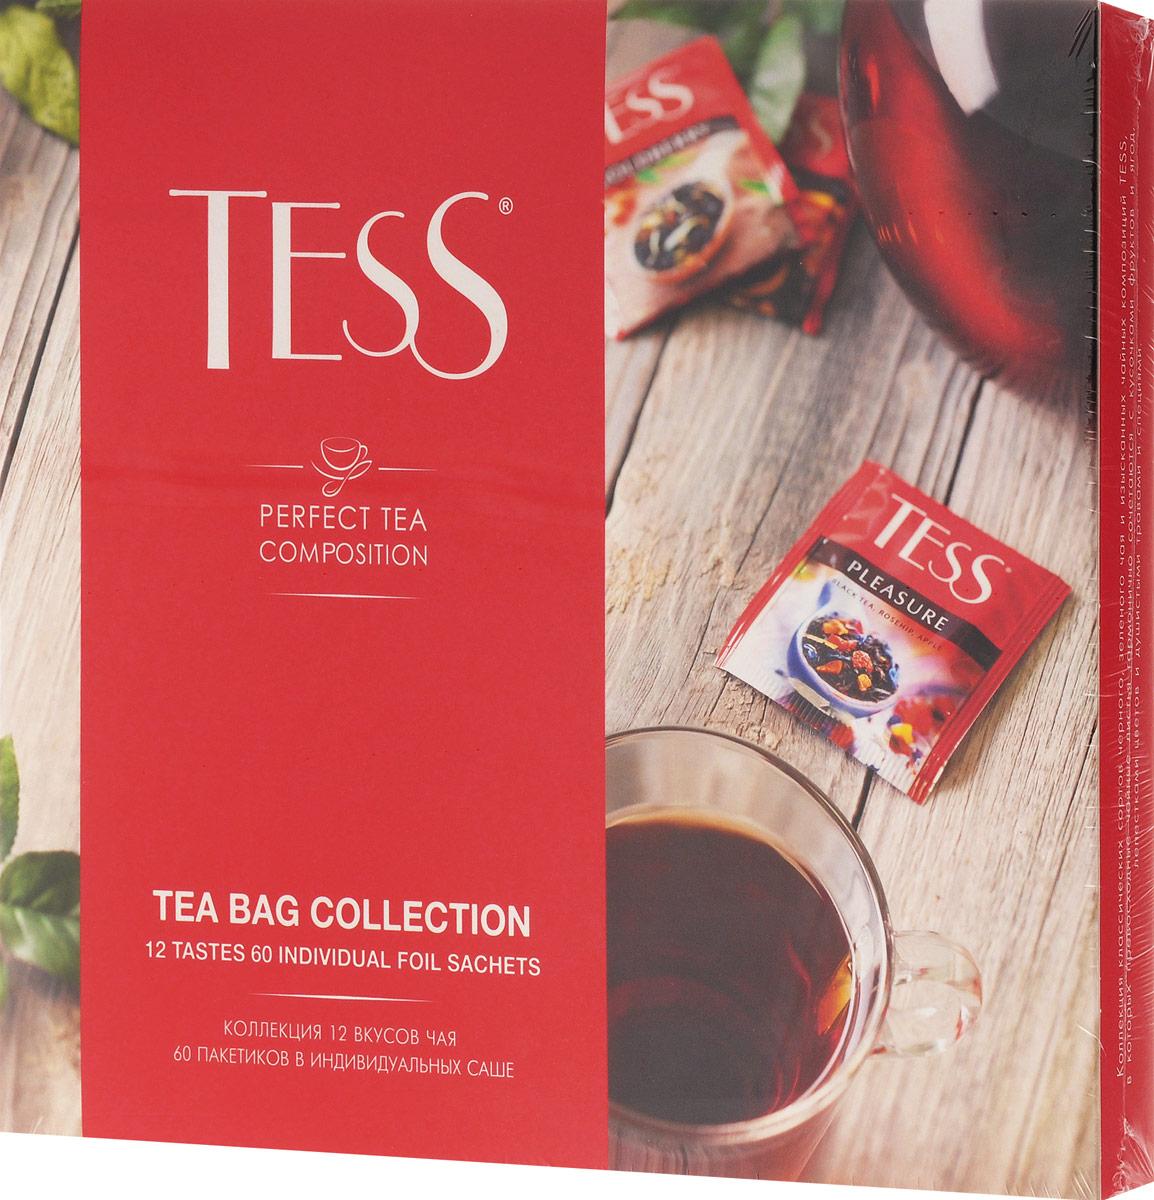 Tess Коллекция чая и чайных напитков в пакетиках, 60 шт101246В коллекции пакетированного чая Tess вы найдете все многообразие классических сортов черного и зеленого чая и изысканные чайные композиции, в которых высококачественные чайные листья гармонично сочетаются с натуральными фруктами, ягодами, лепестками цветов и душистыми травами.